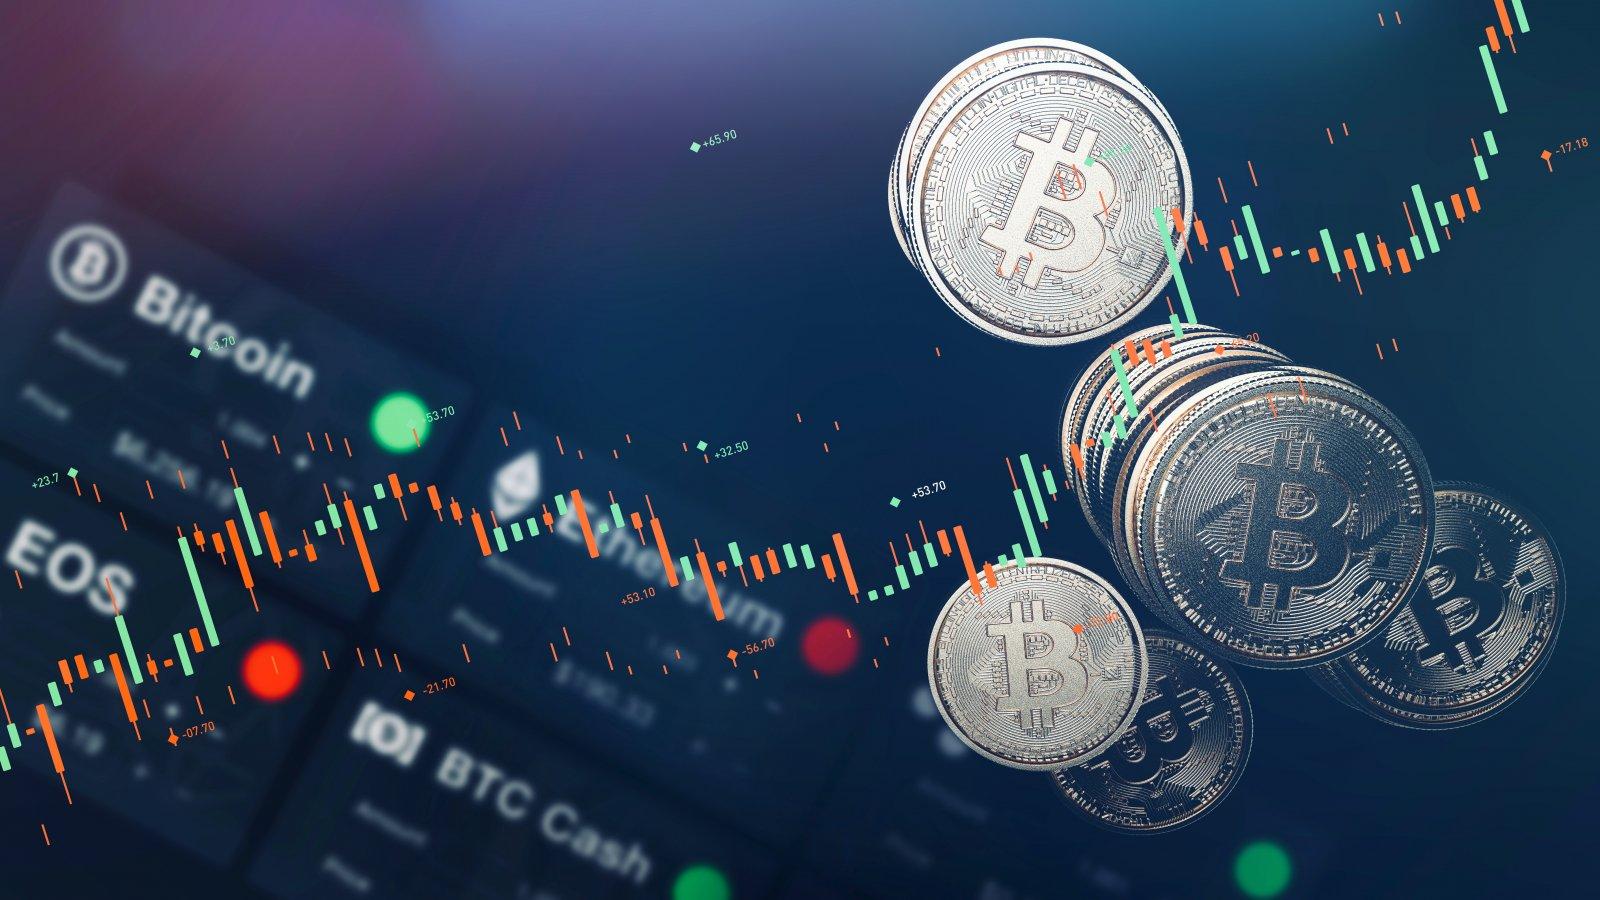 Quanto costa 63 145 Bitcoin (Bitcoin) in Riyal Saudita (Riyal)?